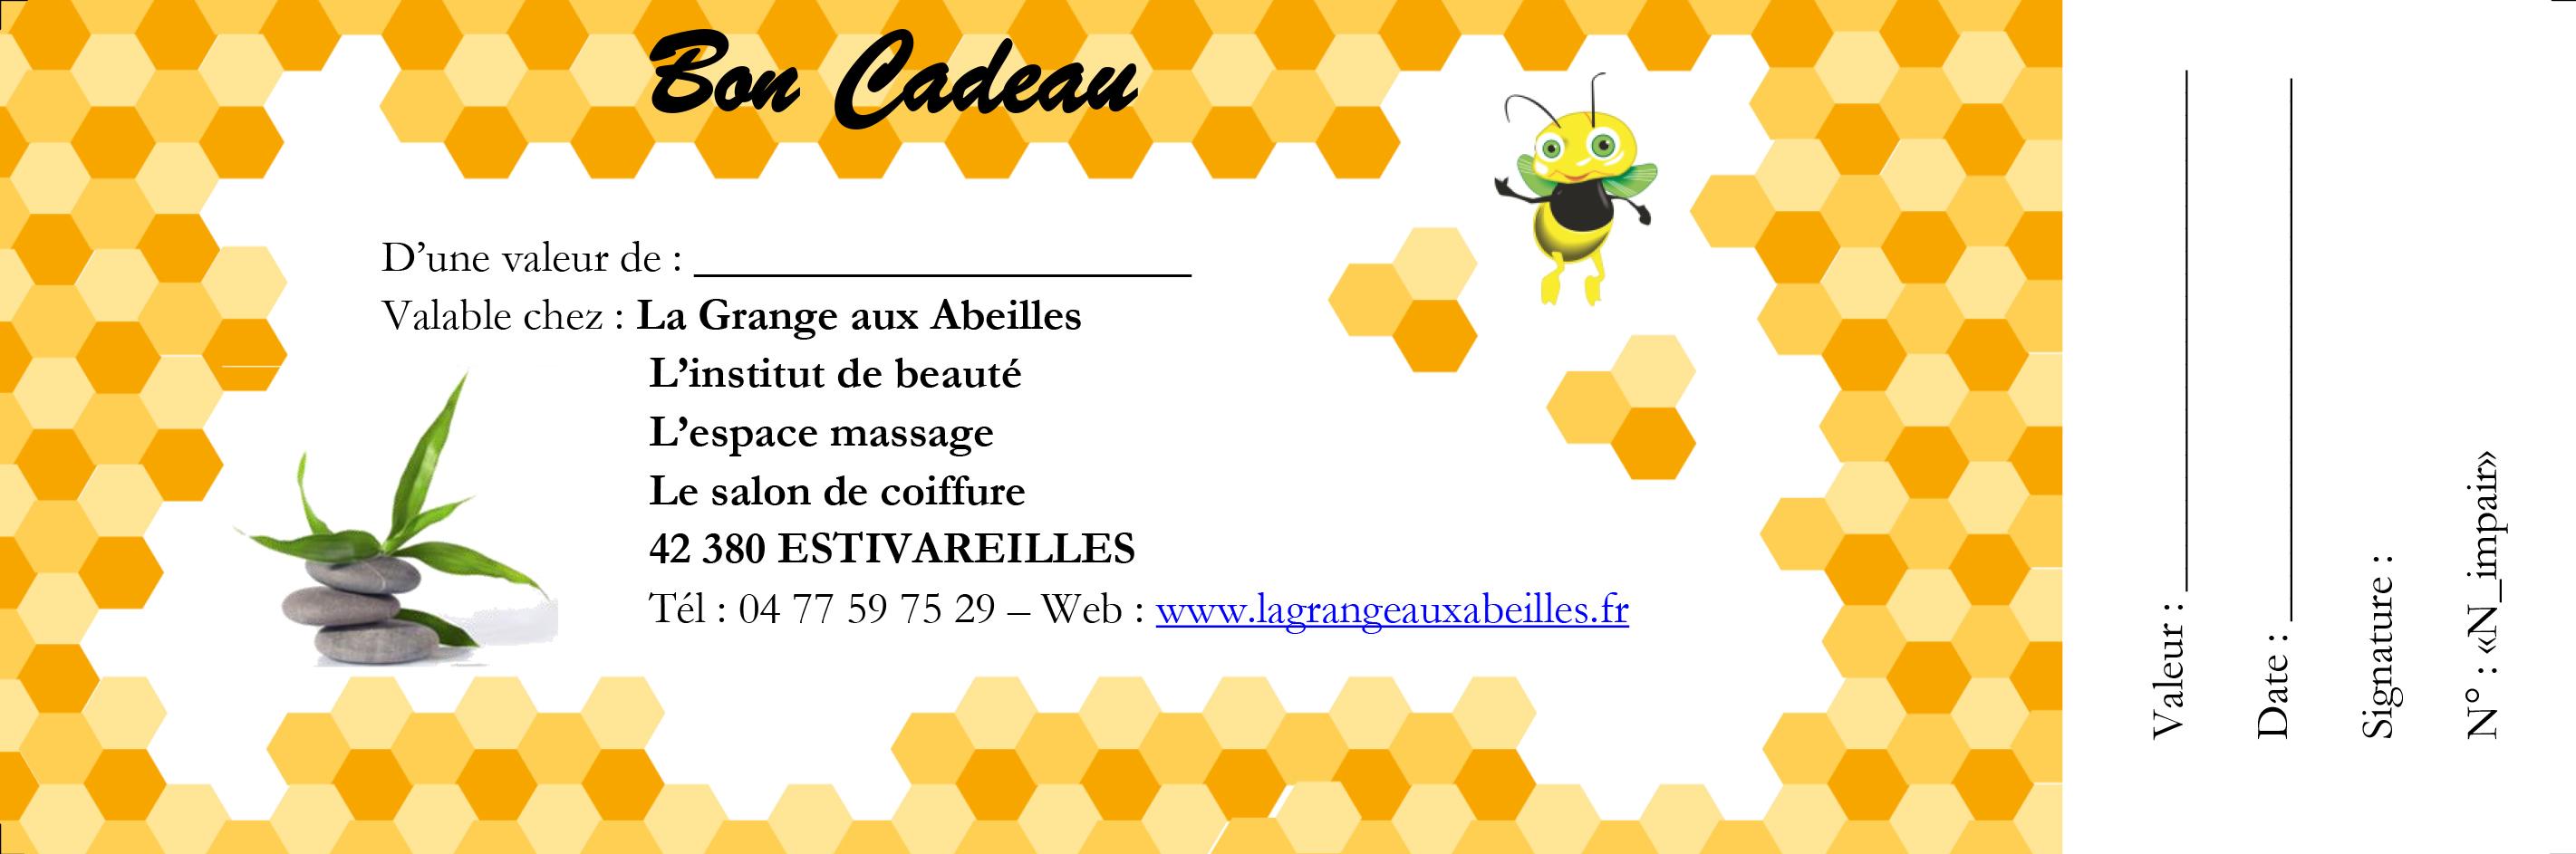 Ch que cadeau miel la grange aux abeilles - La grange aux abeilles estivareilles ...